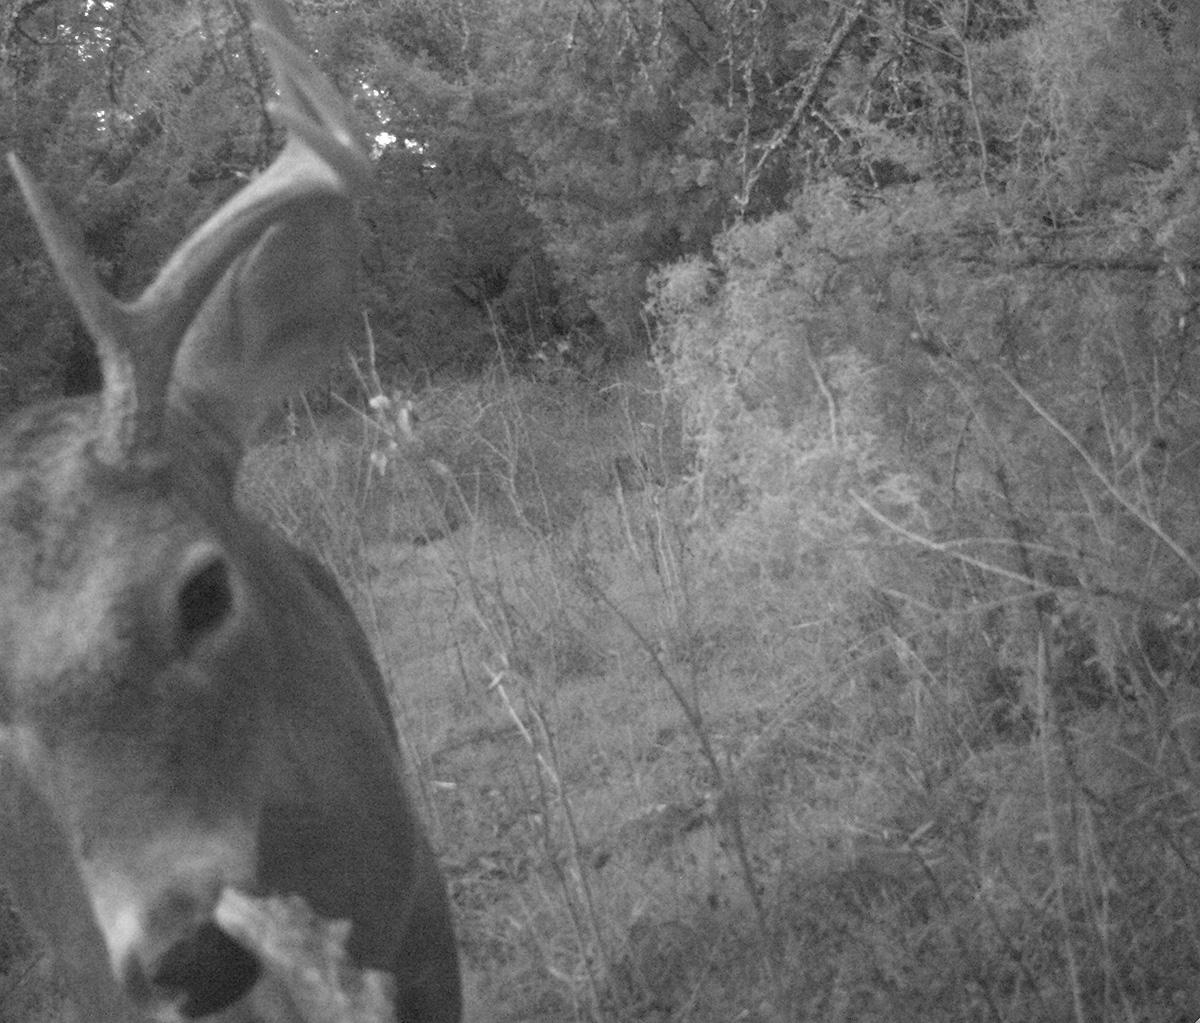 Deer Scouting Pictures Robert Hoague I 00204